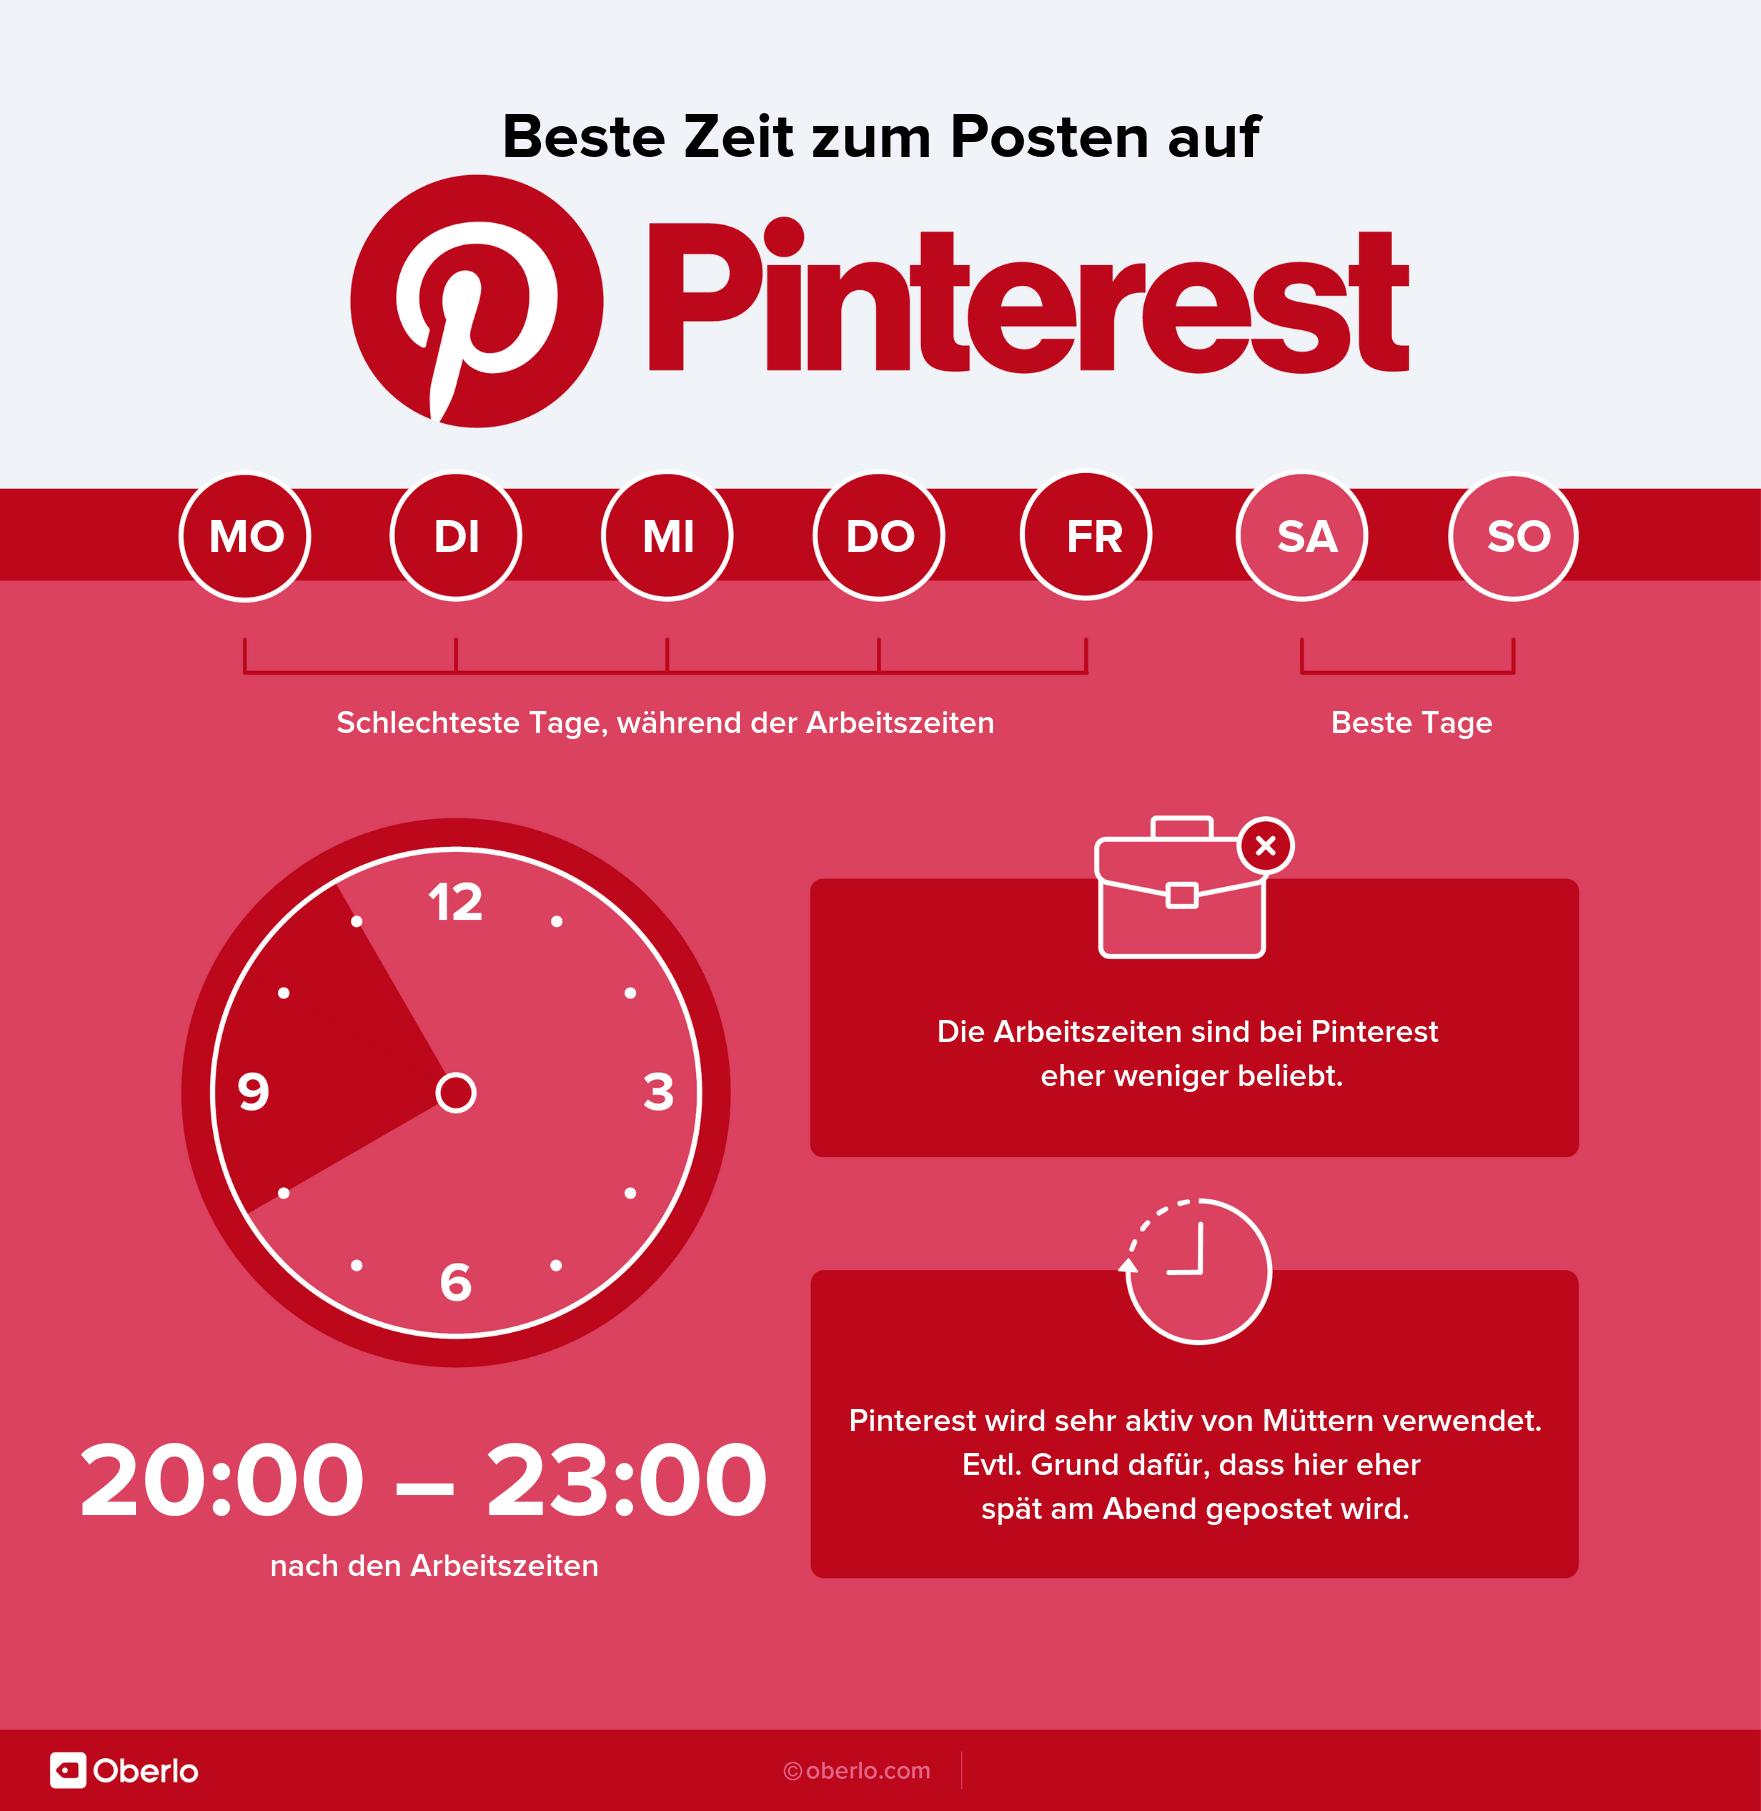 Beste Zeit zum Posten - Pinterest Infografik